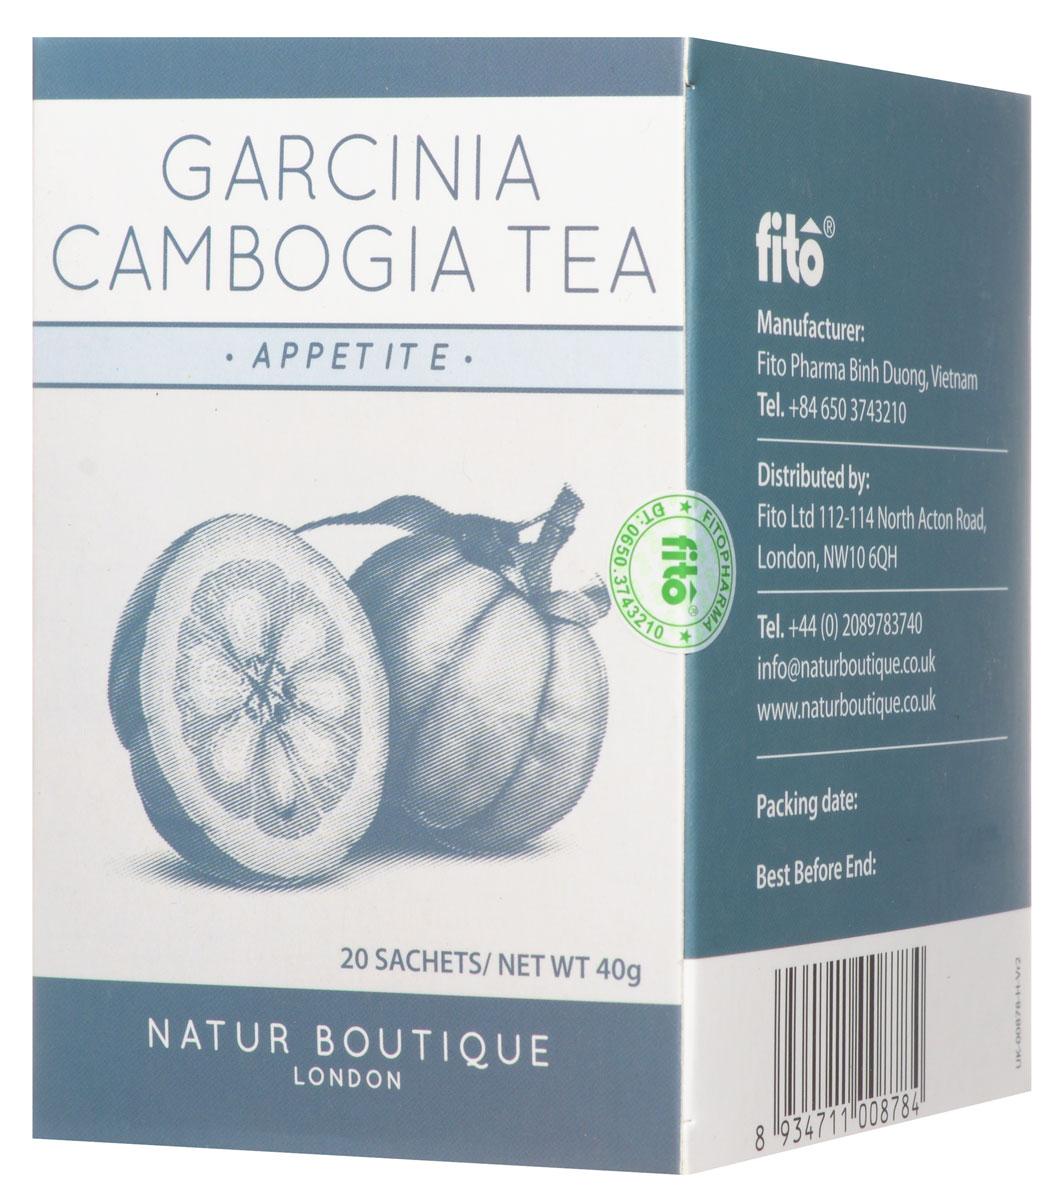 Natur Boutique Garcinia Cambogia Organic Tea органический чай с гарцинией камбоджийской, 20 пакетиков0120710Гарциния камбоджийская - цитрус, который применяется для похудения и понижения аппетита. Чай Natur Boutique Garcinia Cambogia Organic Tea из гарцинии камбоджийской содержит особые вещества, которые препятствуют жировым отложениям. Употребление этого чая после еды препятствует скоплению излишков жира в организме.